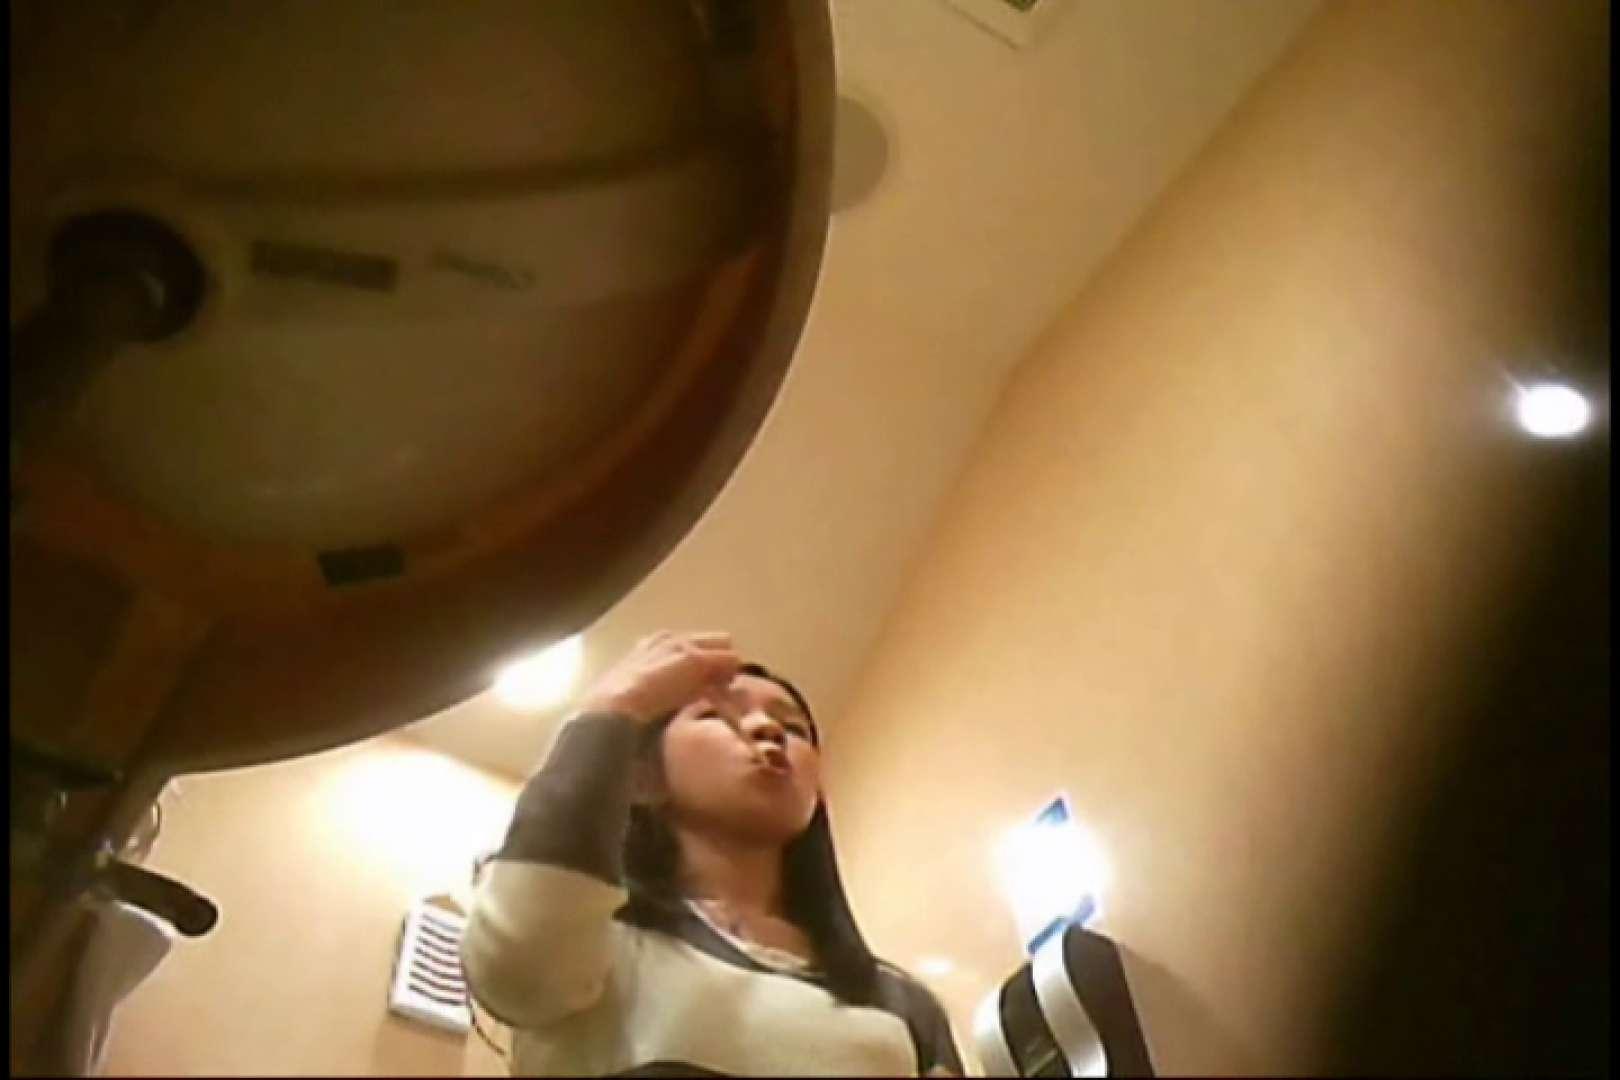 潜入!!女子化粧室盗撮~絶対見られたくない時間~ 盗撮 盗撮動画紹介 95pic 9